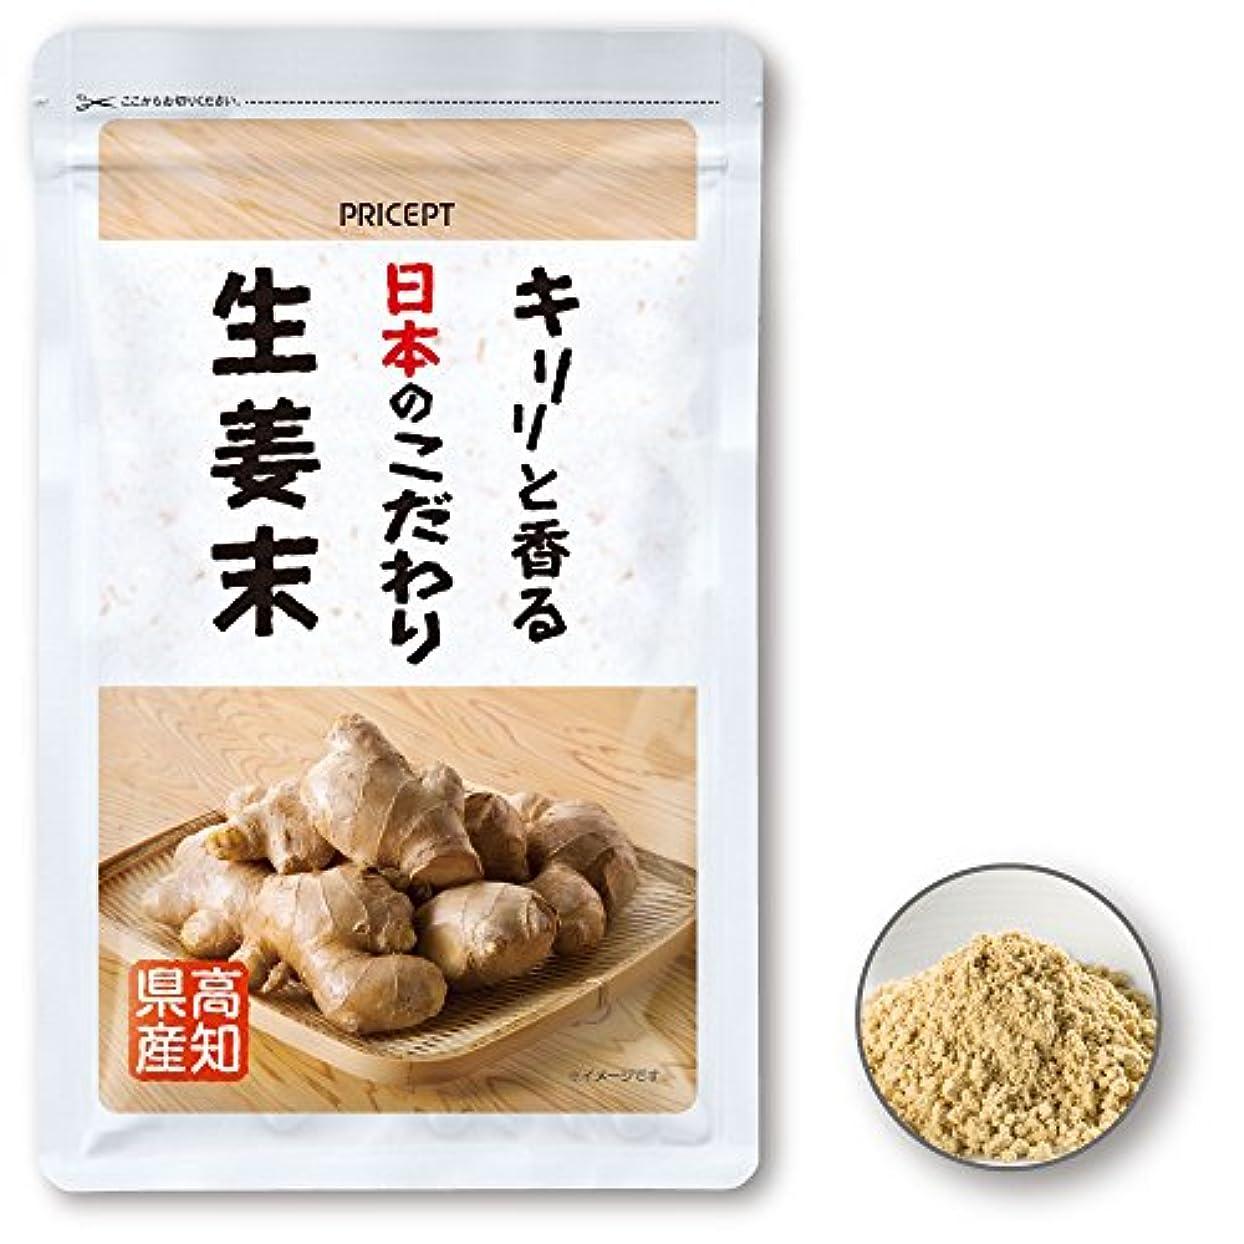 レシピ洞窟咳プリセプト キリリと香る日本のこだわり生姜末 50g(単品)(高知県産しょうが粉末)